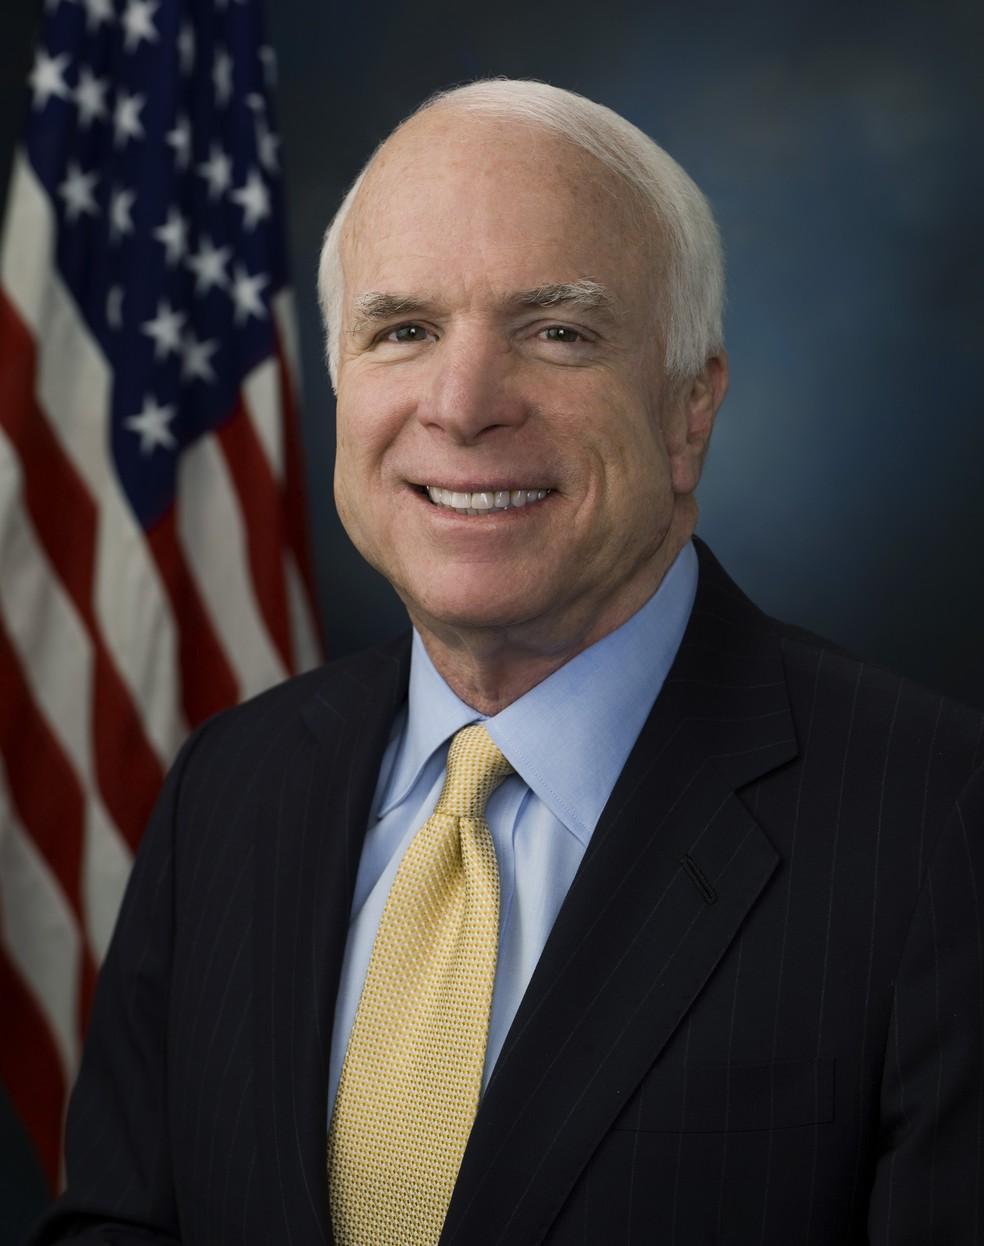 Foto oficial do senador John McCain (Foto: Divulgação/Senado dos EUA)